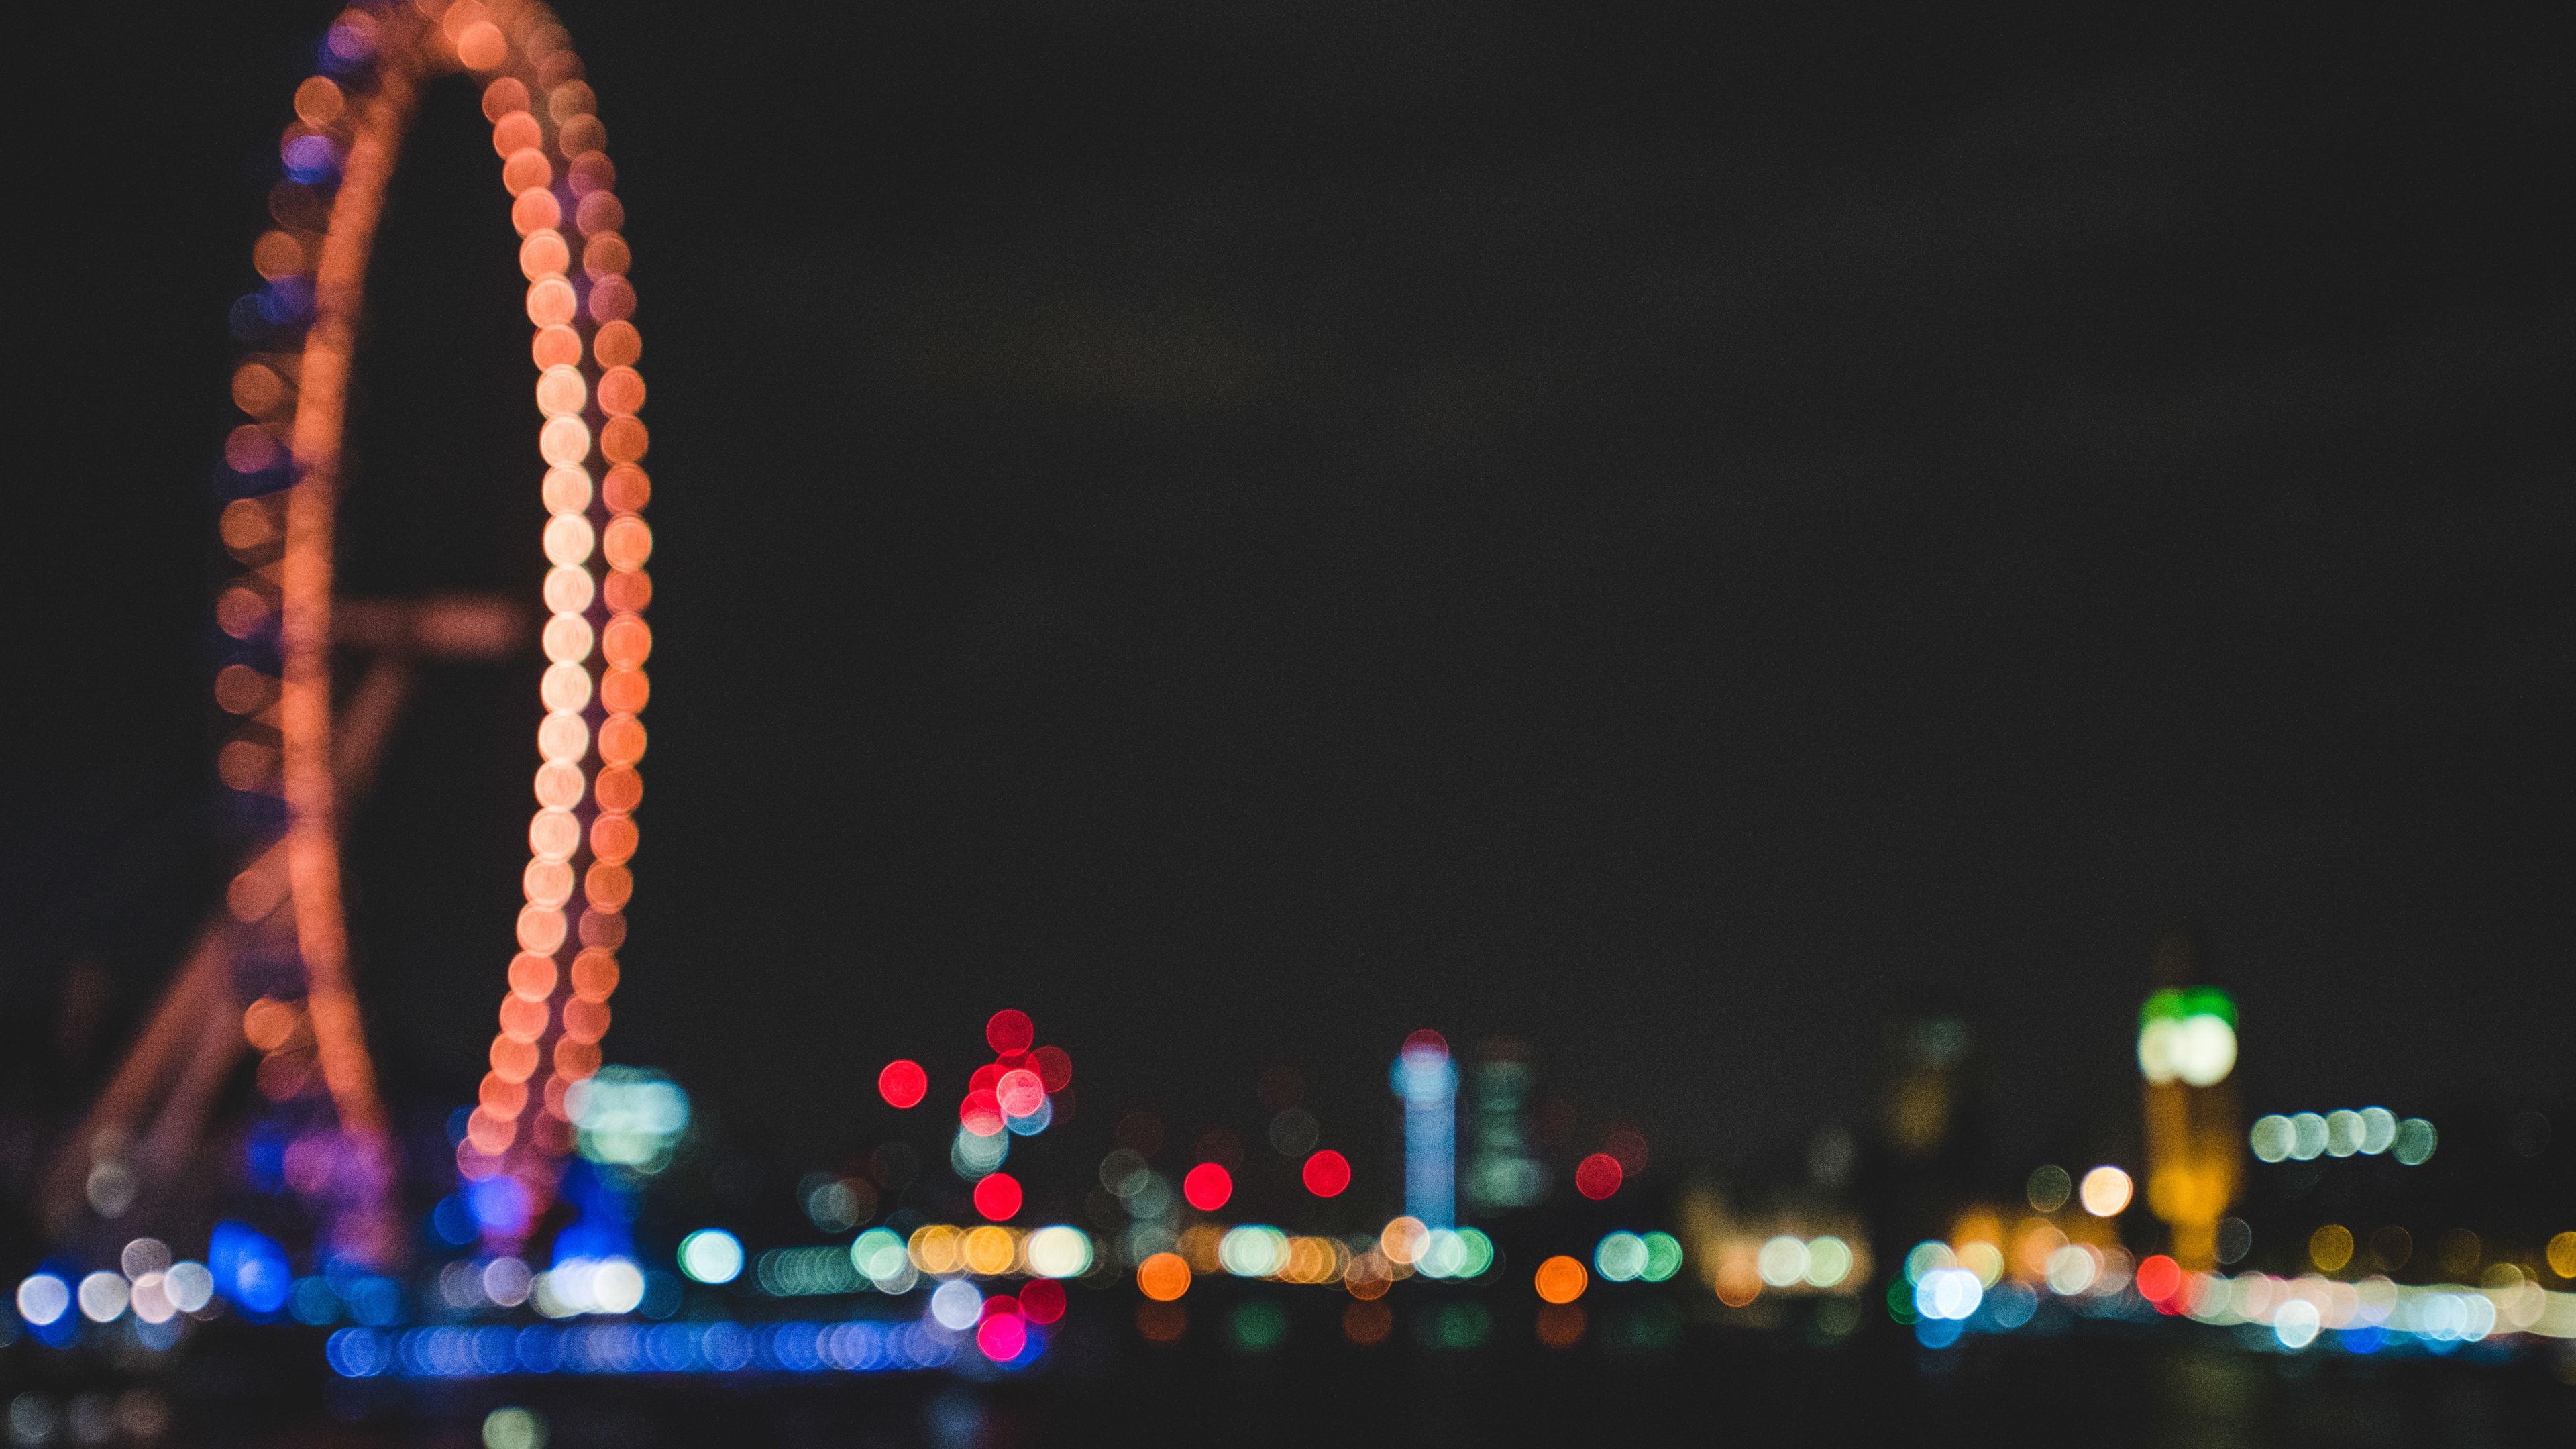 ferris wheel bokeh effect lights night dark 1540144456 - Ferris Wheel Bokeh Effect Lights Night Dark - night wallpapers, nature wallpapers, lights wallpapers, hd-wallpapers, ferris wheel wallpapers, dark wallpapers, 4k-wallpapers